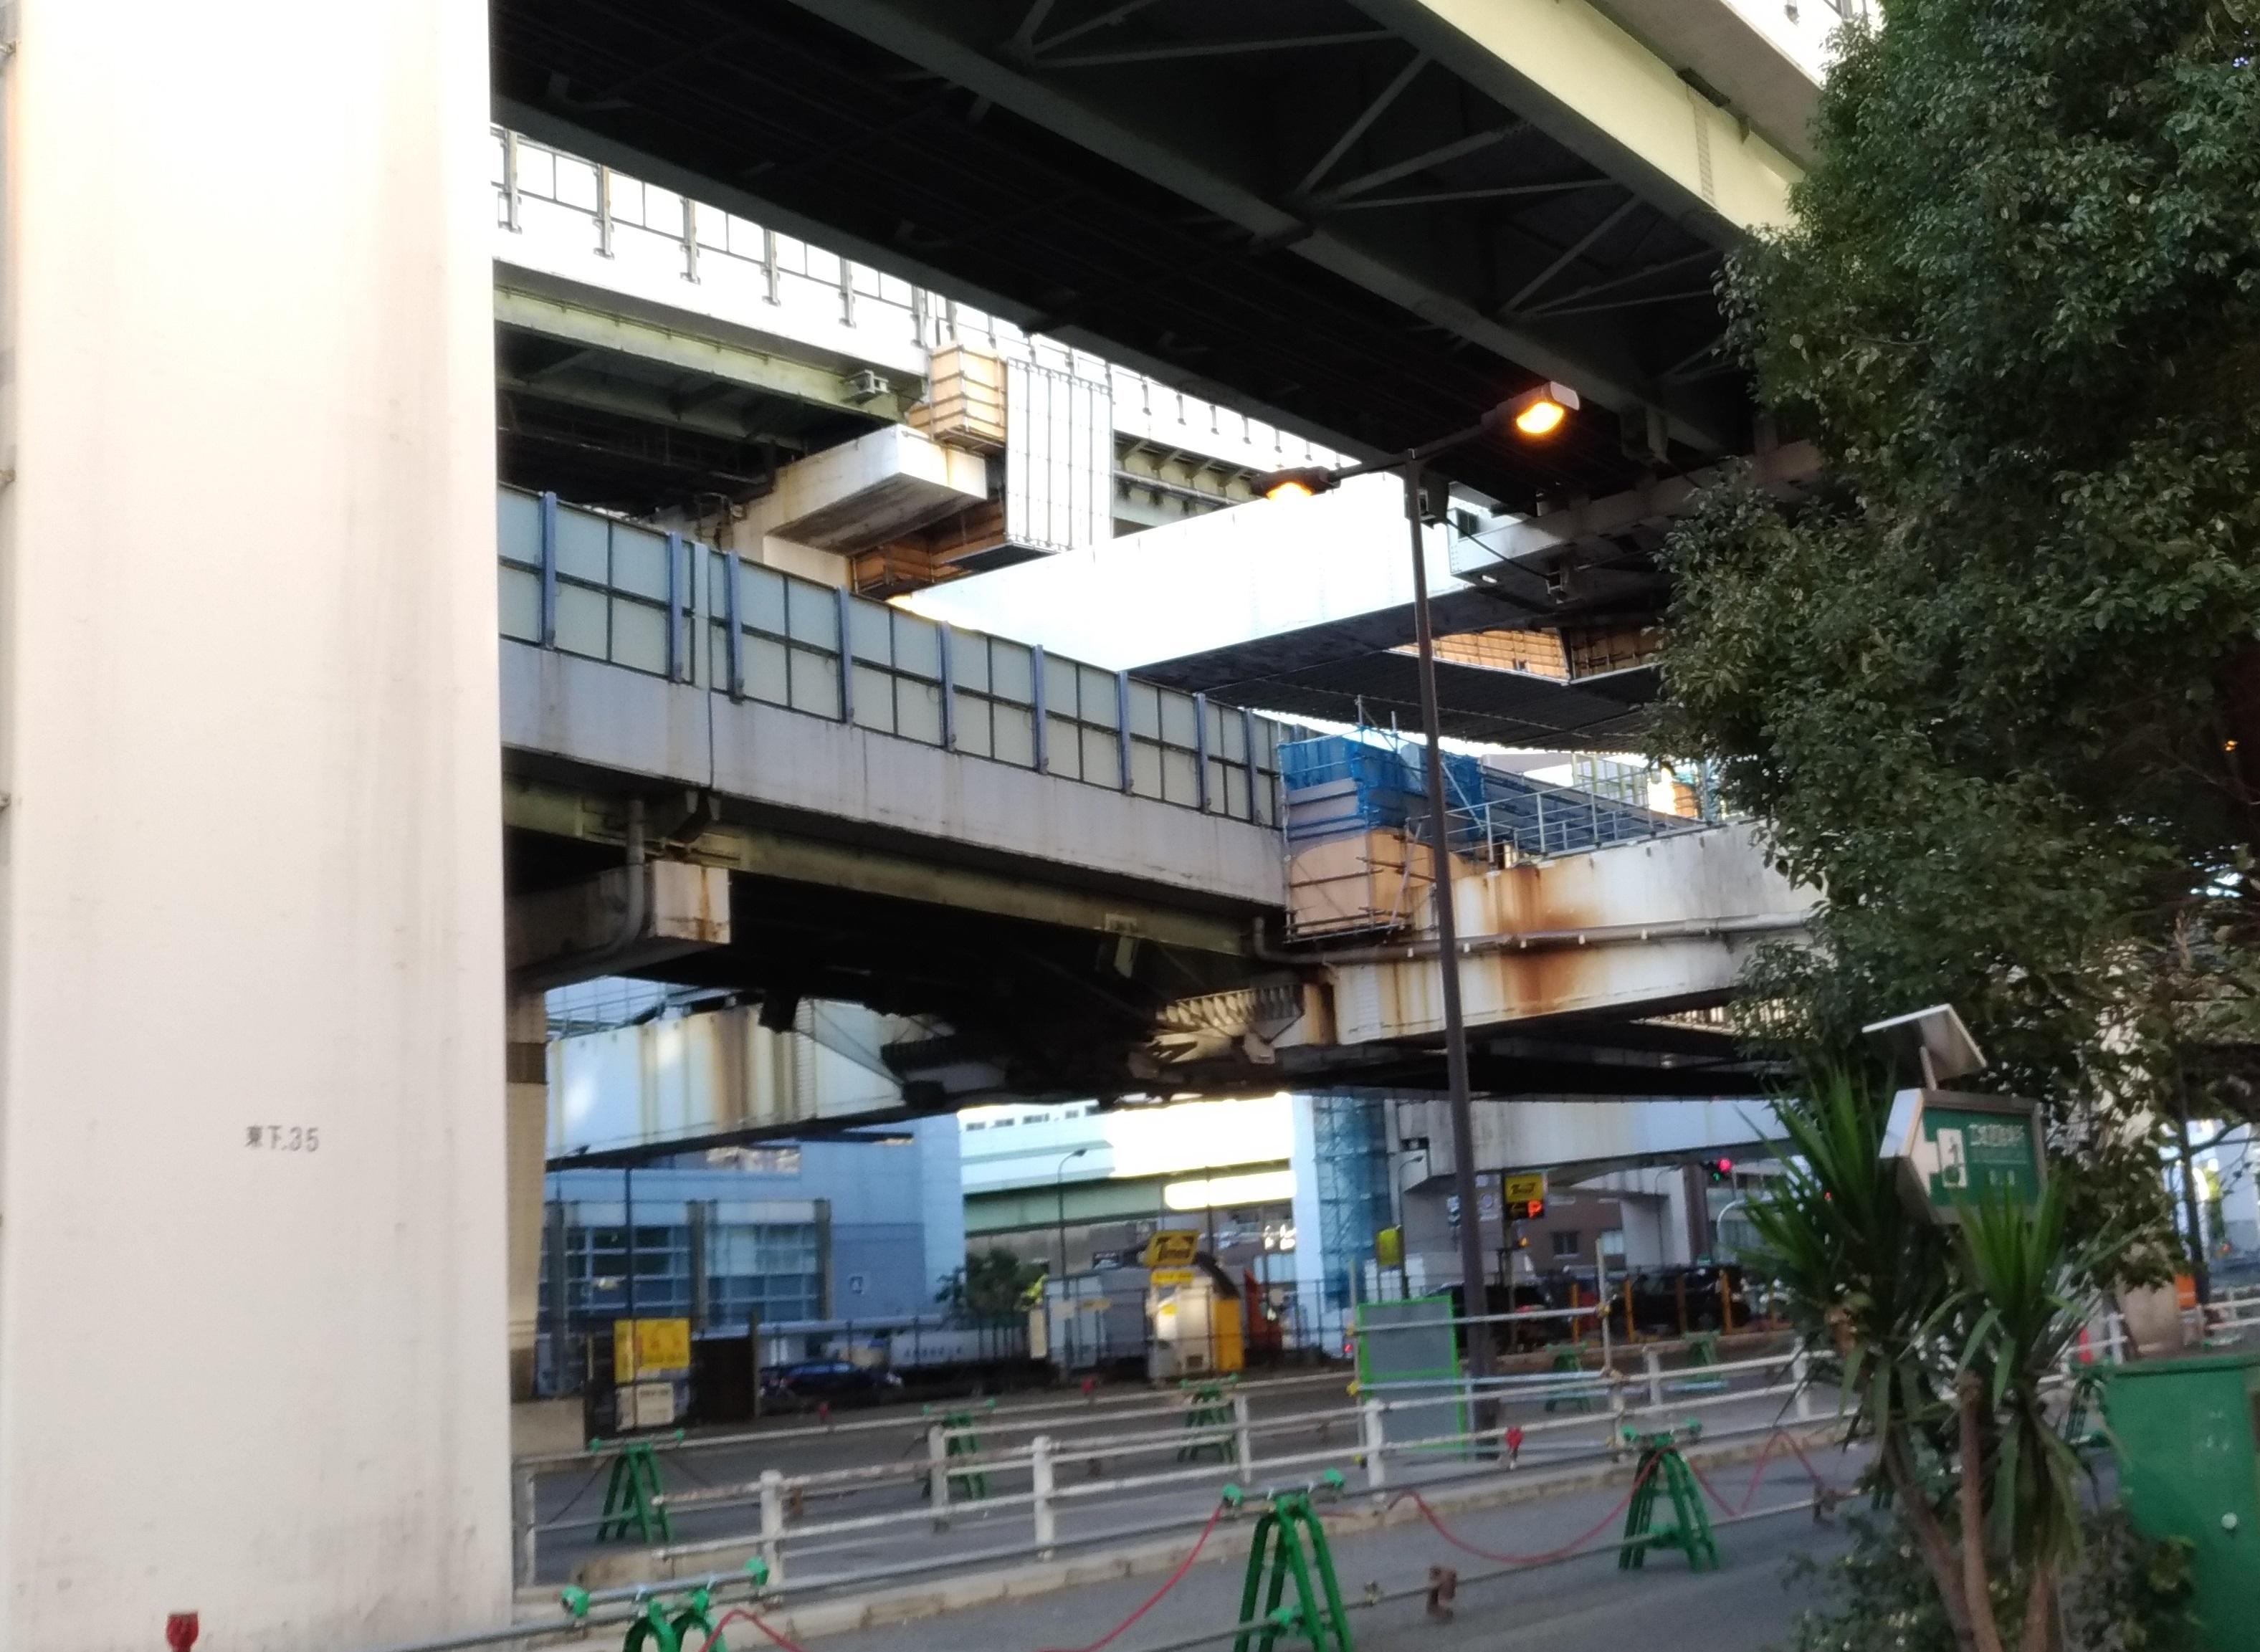 osaka_awaza_yayoiken_open1.jpg